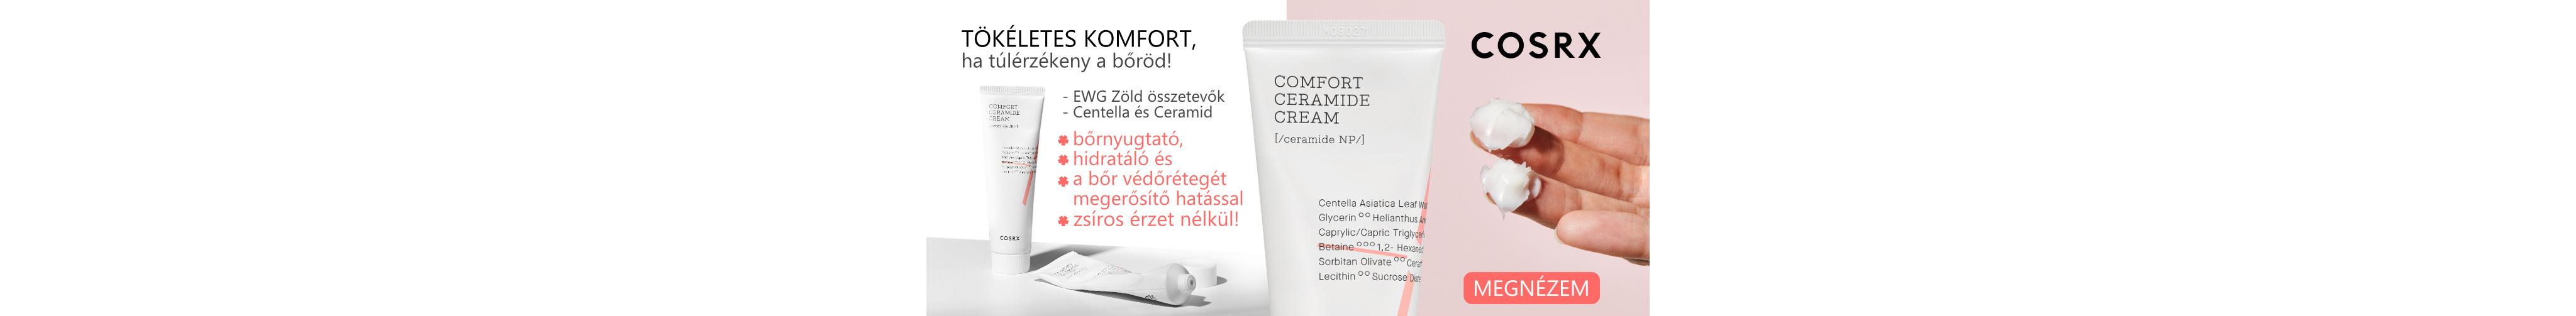 Balancium-Comfort-COSRX